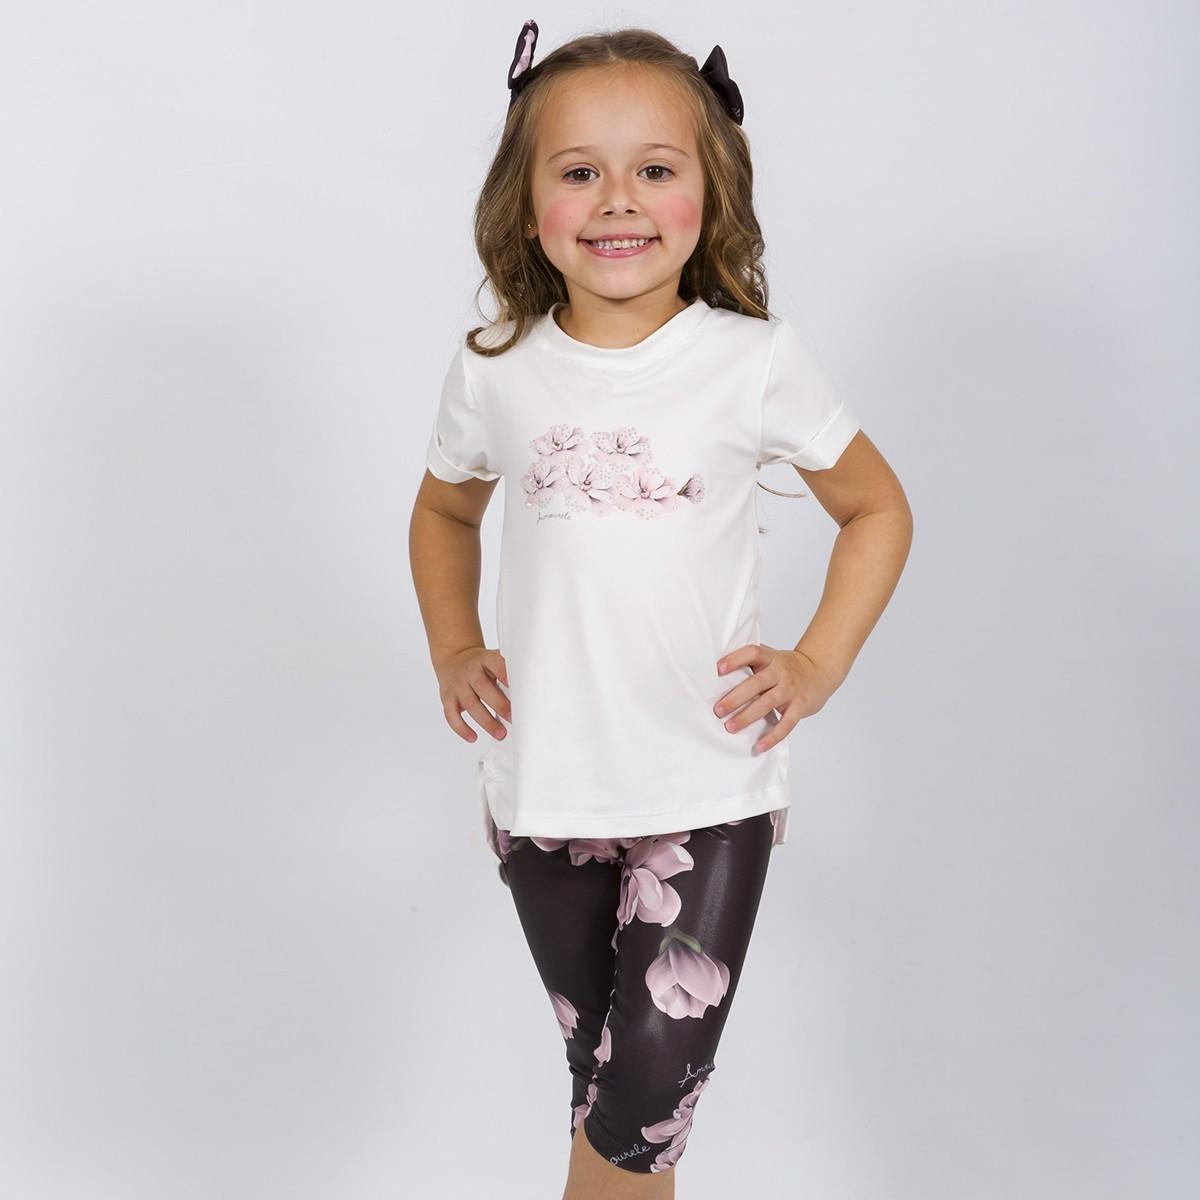 BAZAR - Conjunto Infantil Blusa e Legging Curta Tulipa Preto